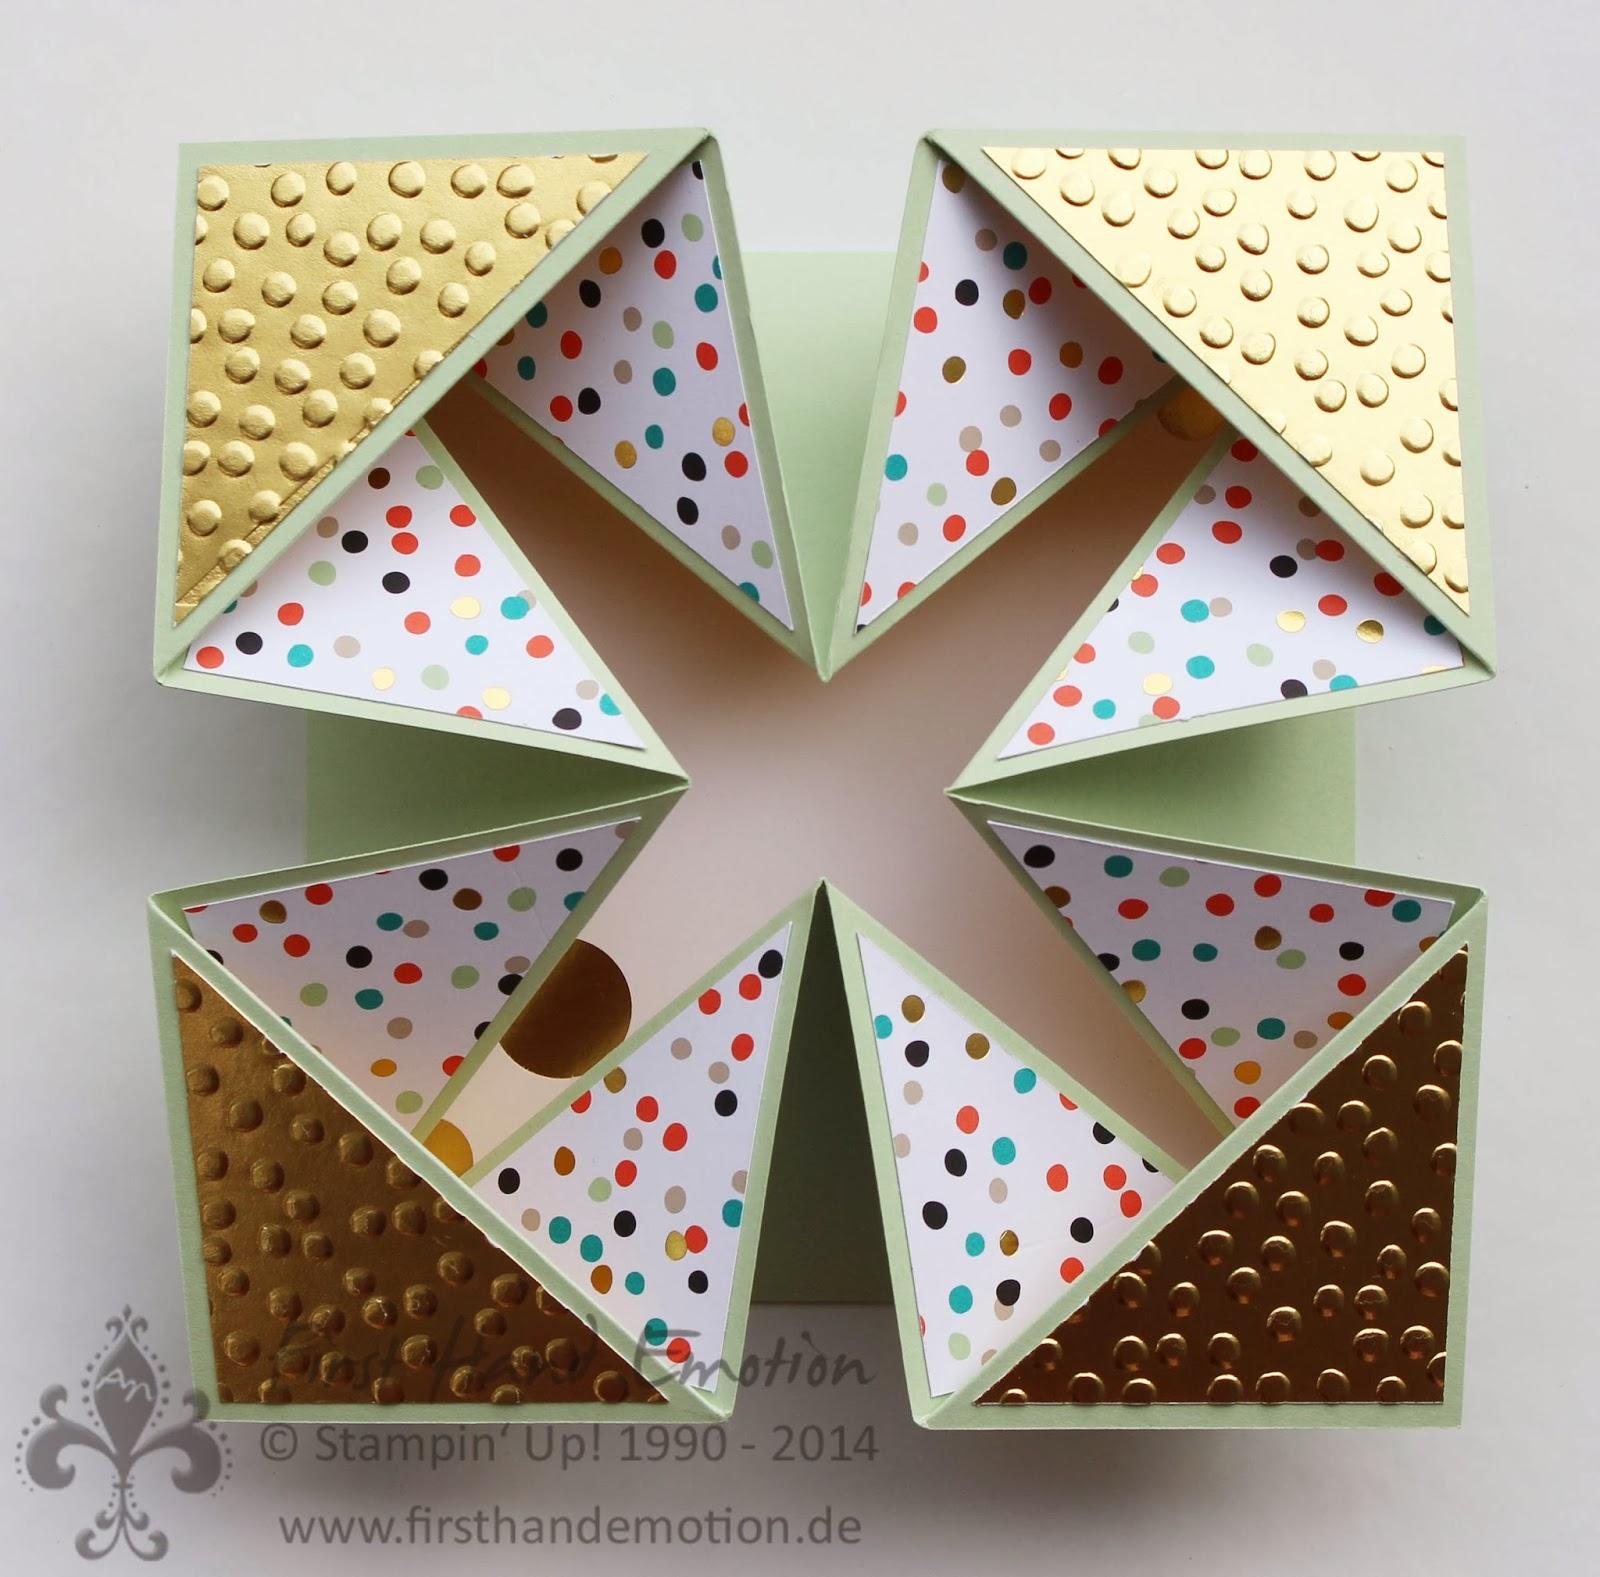 Оригами многофункциональная открытка, днем каратэ